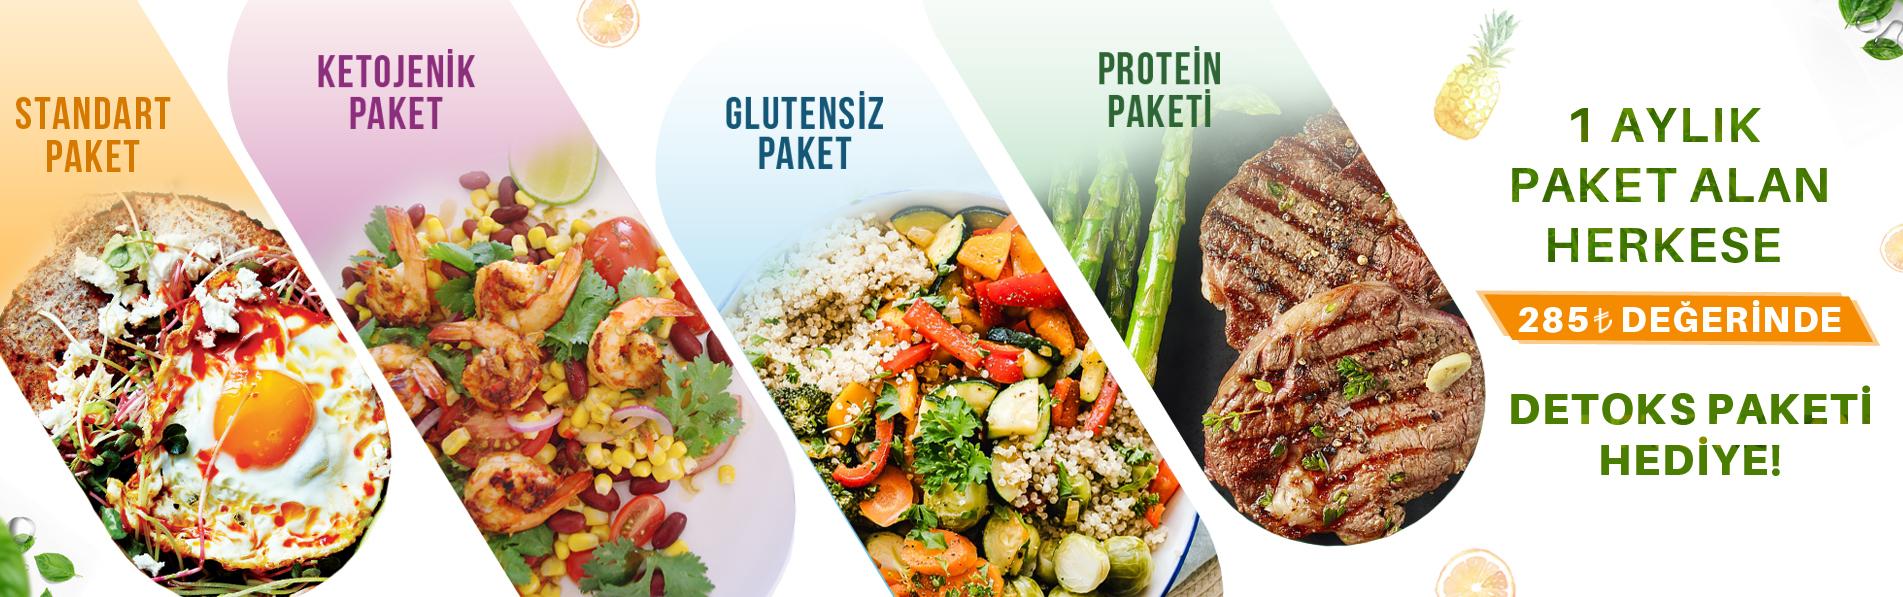 kapiya teslim ketojenik paket glutensiz paket protein paket diyet yemekleri - Diyet Yemek Servisi